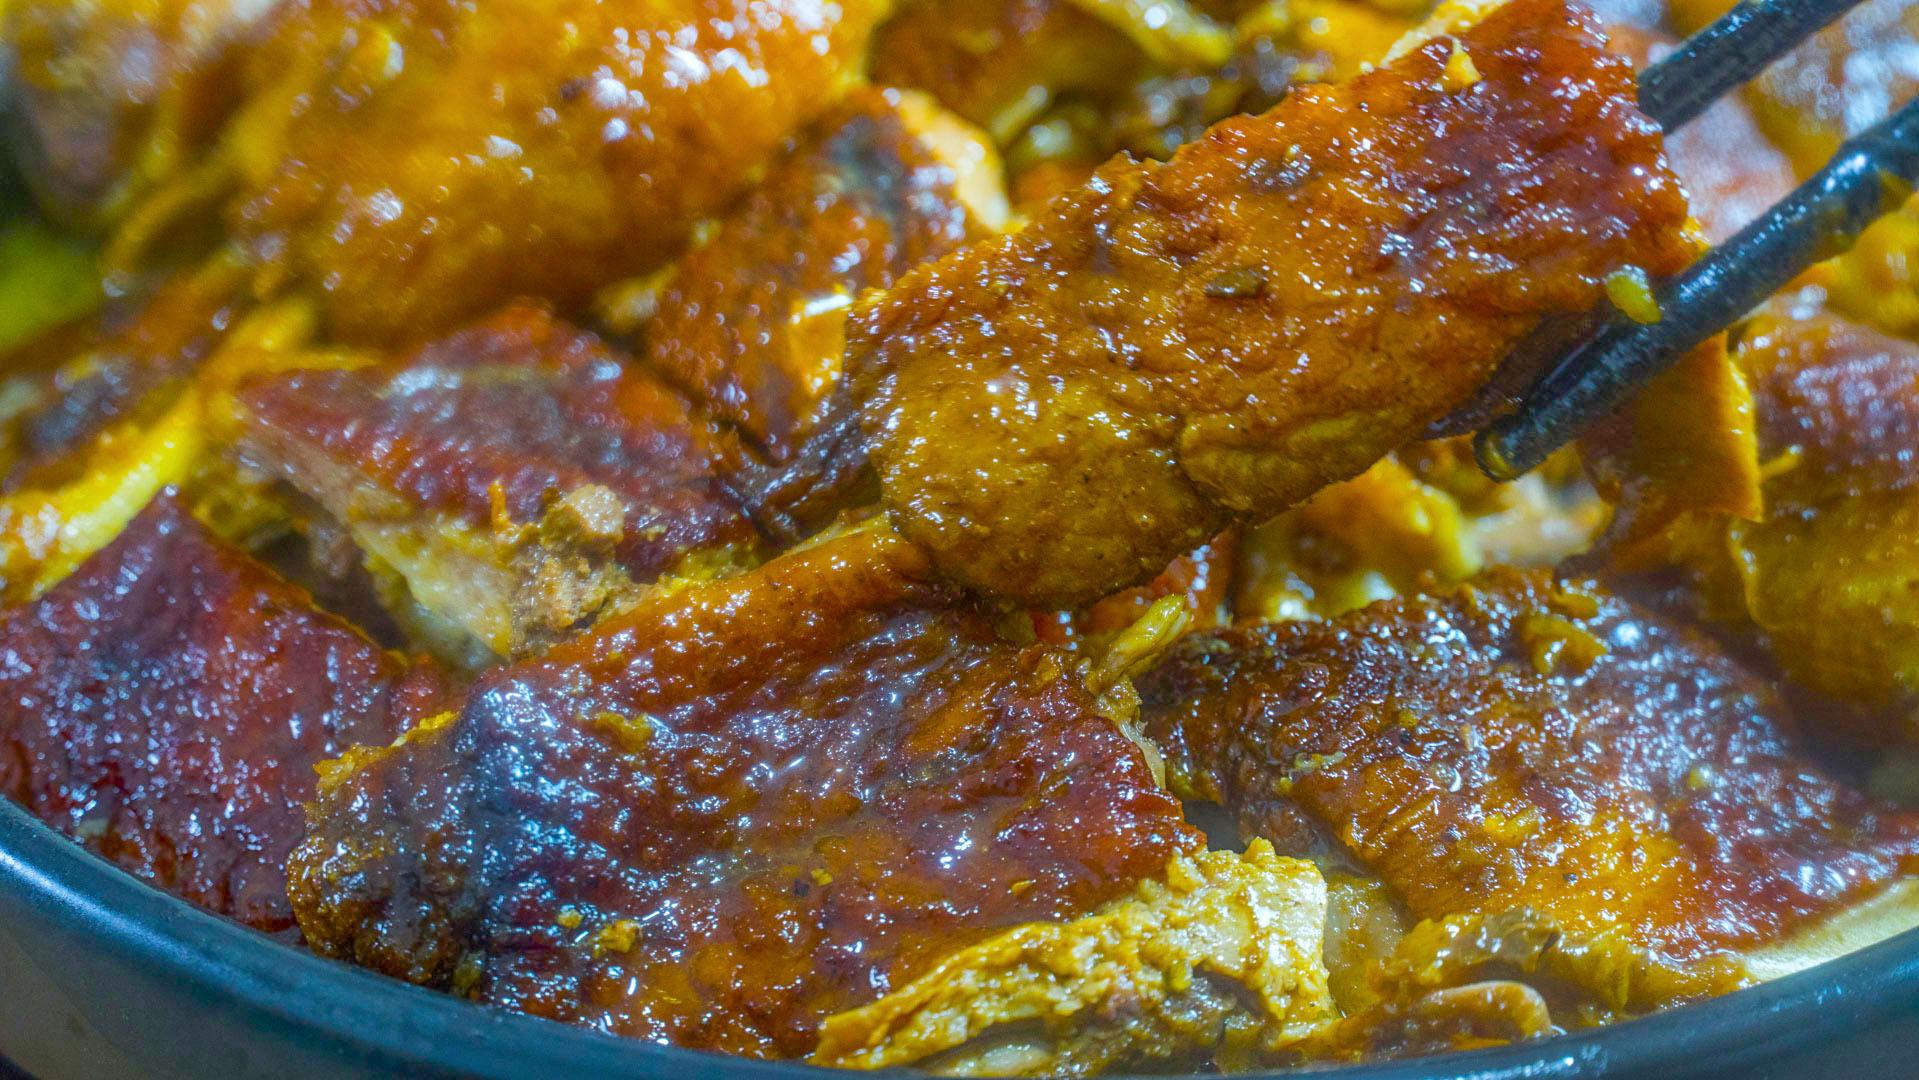 年夜飯上桌,我家吃鴨肉喜歡這種做法,出鍋漂亮有食慾,簡單味美